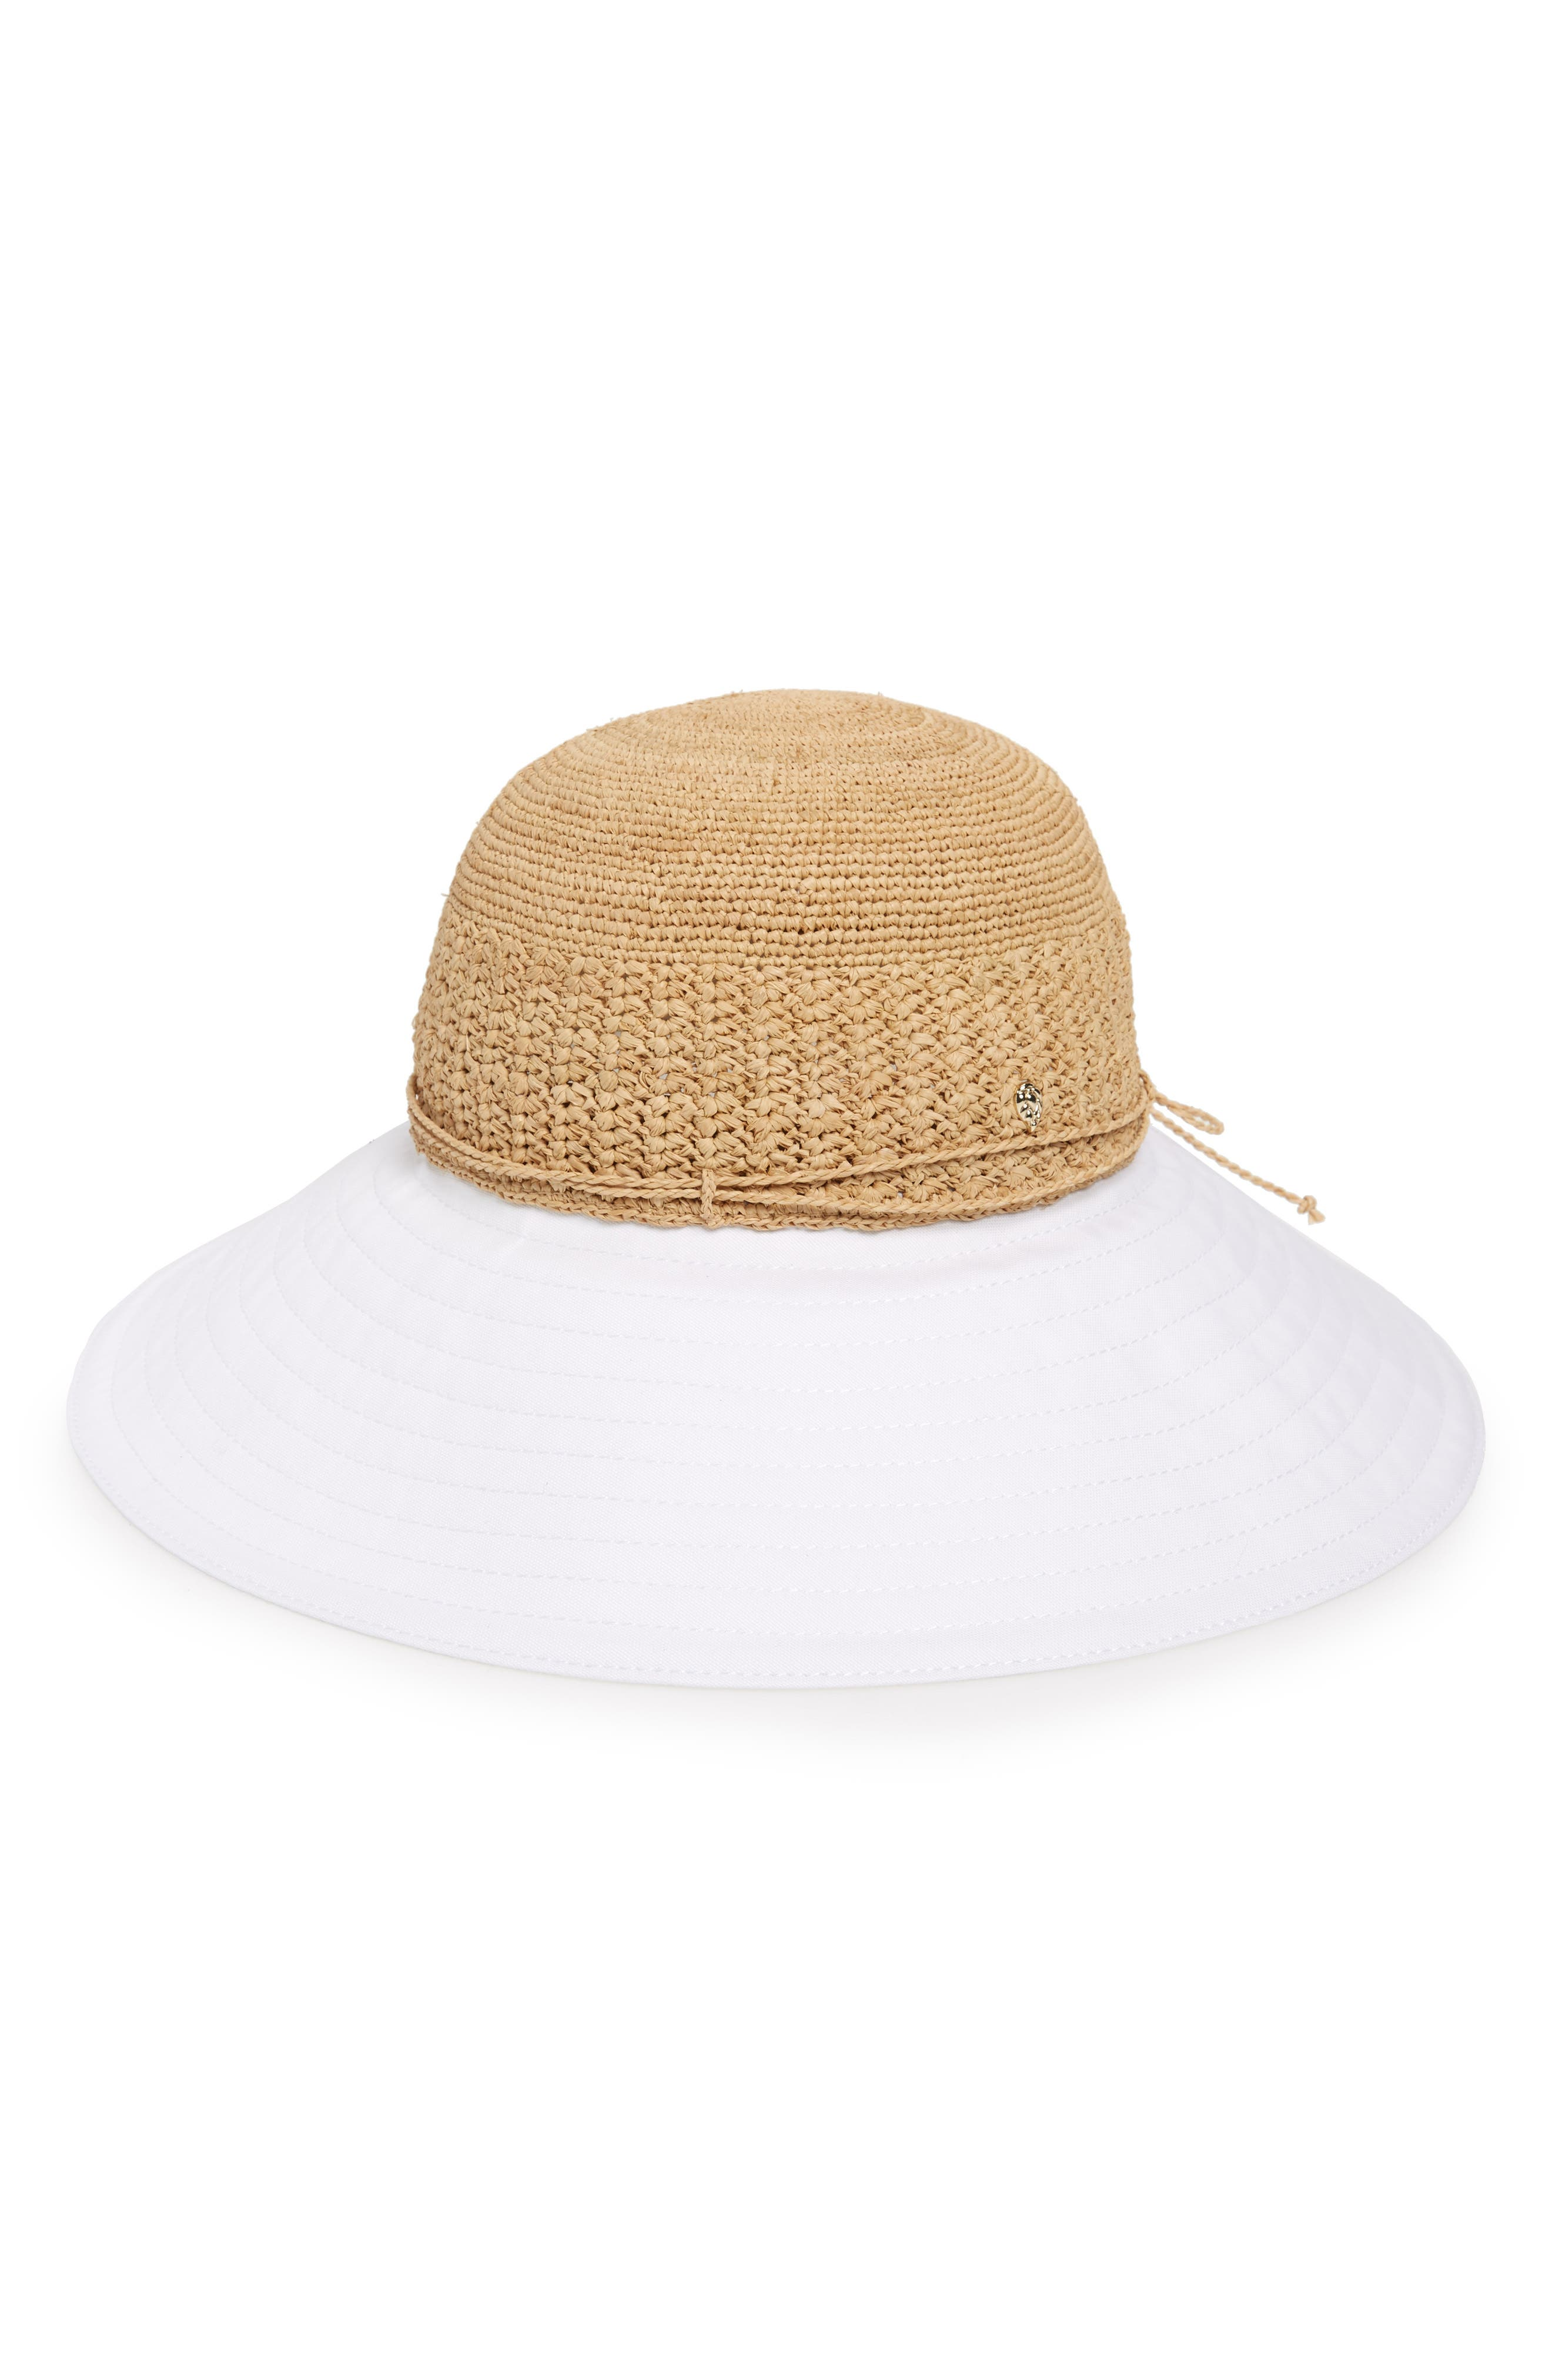 Raffia & Cotton Packable Wide Brim Hat,                             Main thumbnail 1, color,                             NATURAL/ WHITE